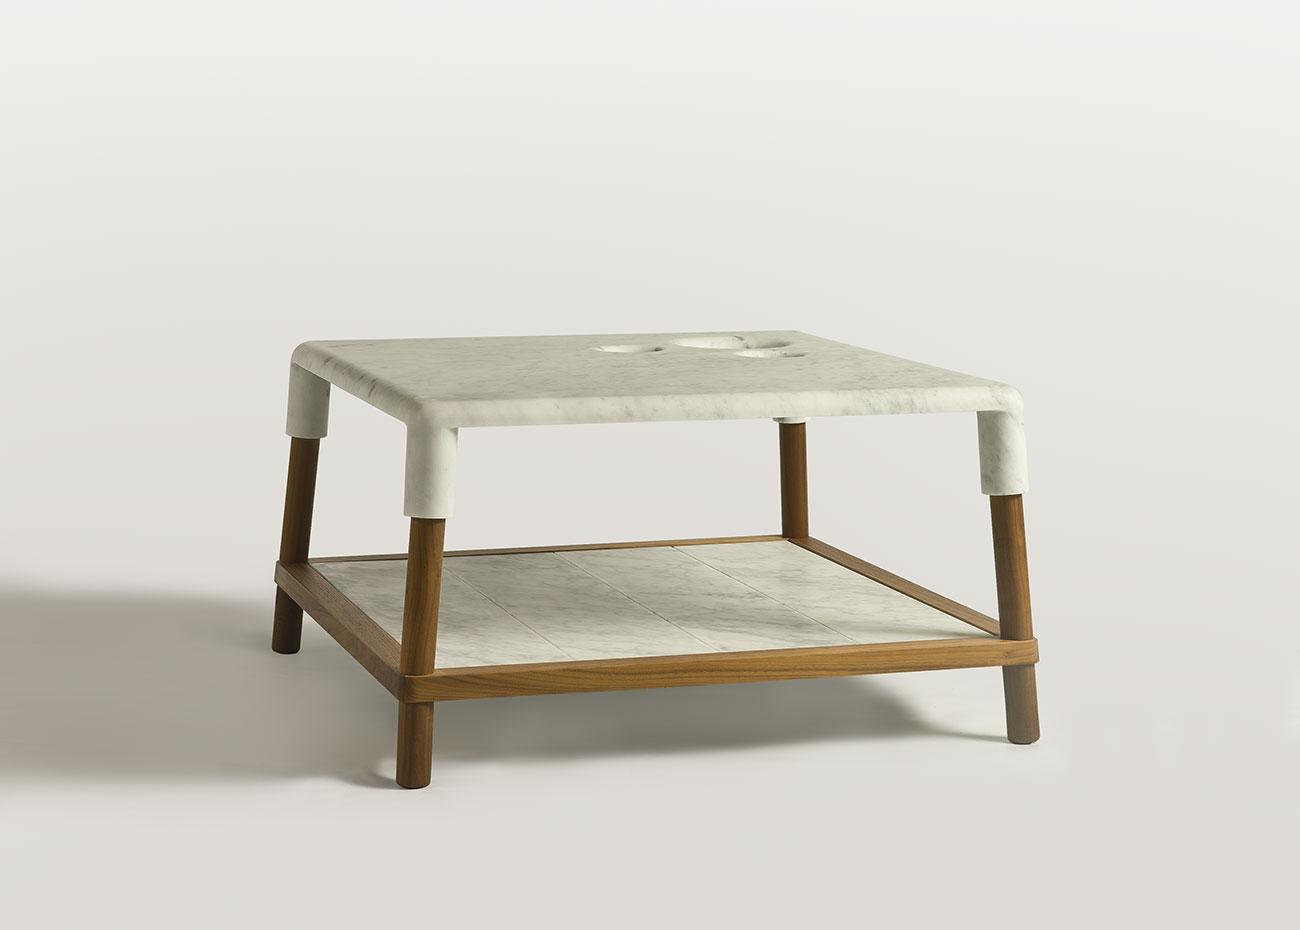 oslo-tavolino-in-marmo-e-legno-design-collection